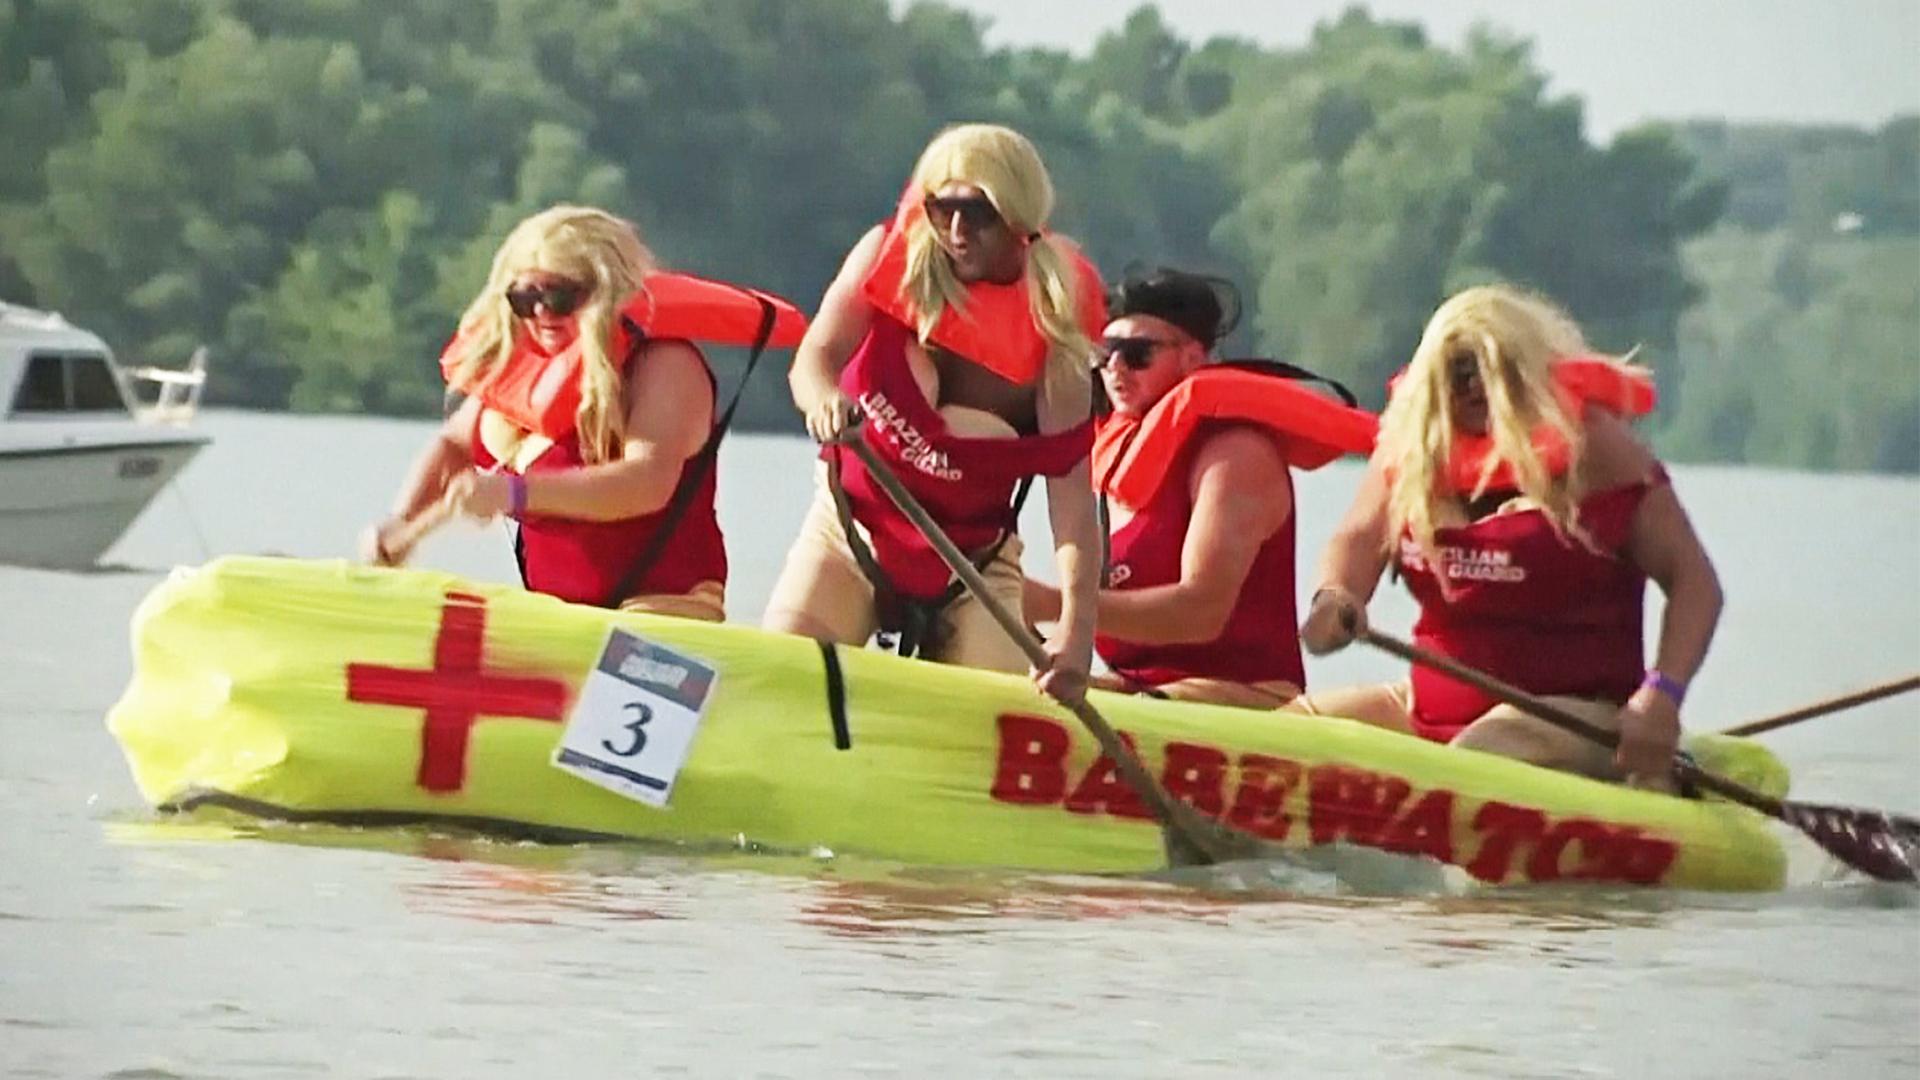 Заплыв на лодках из чего попало прошёл на Дунае